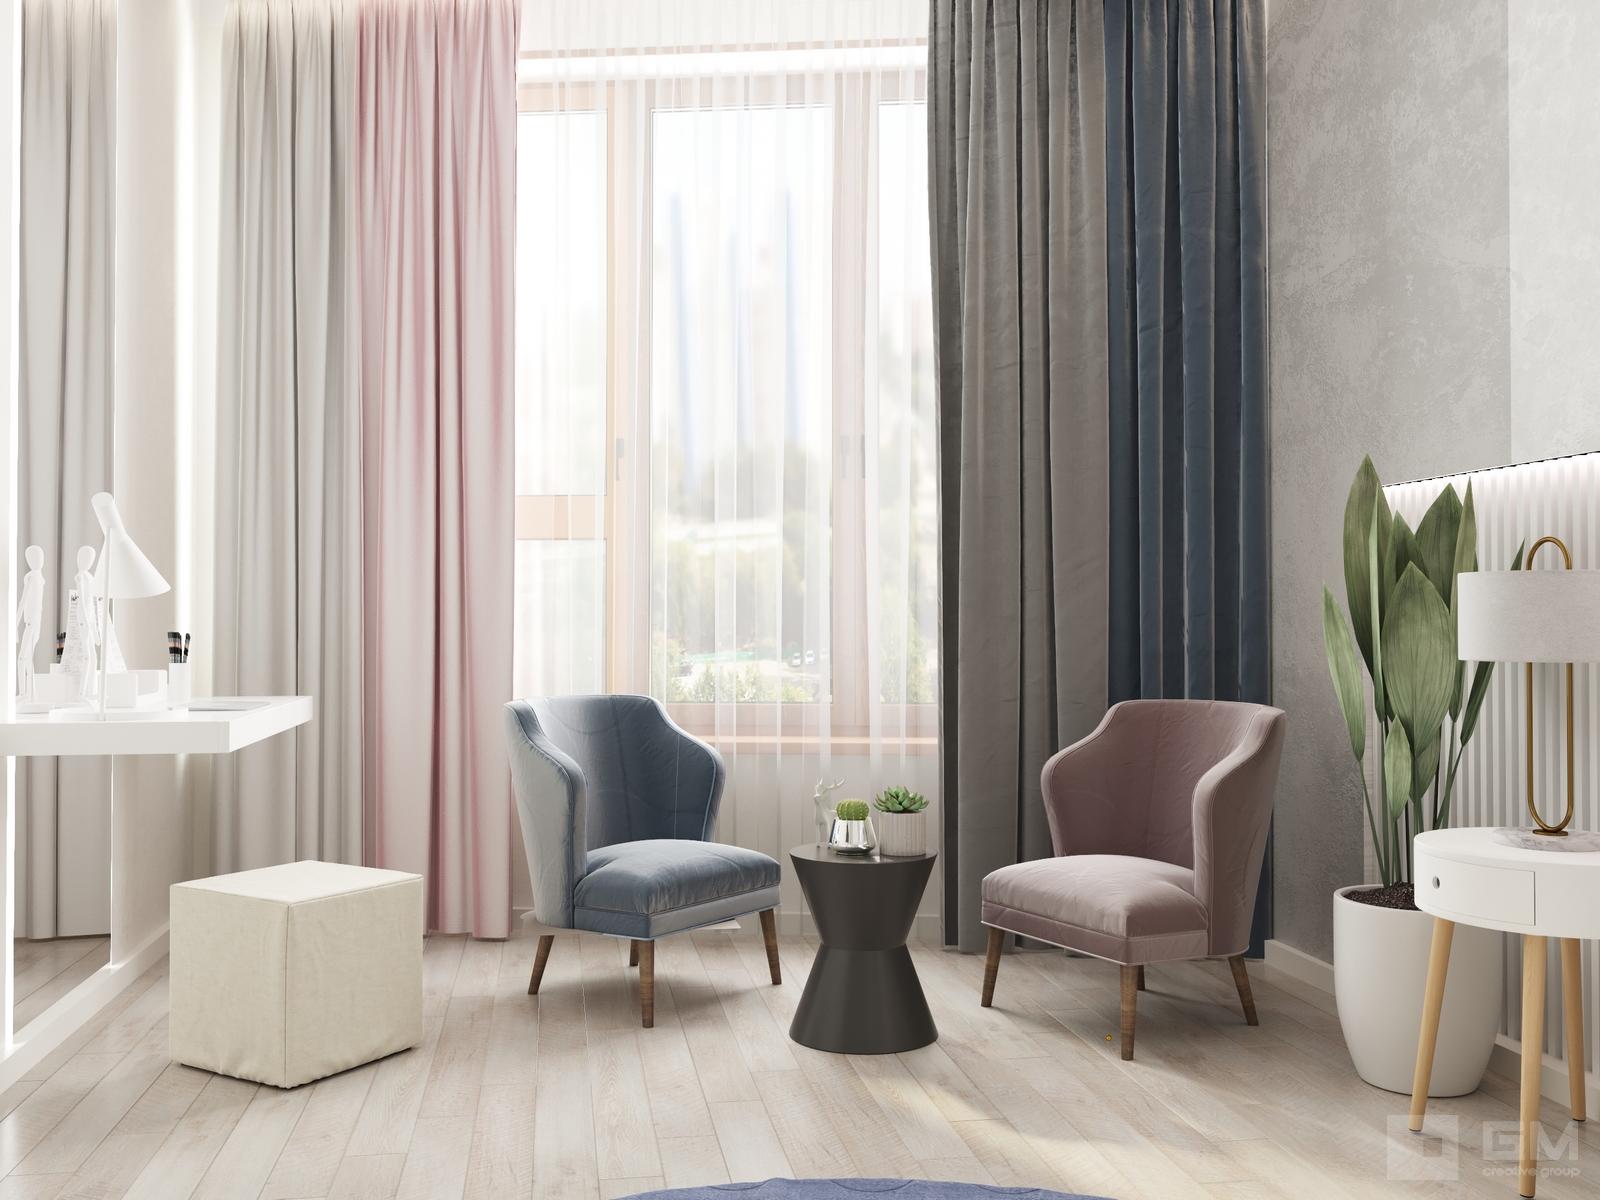 Дизайн двухкомнатной квартиры в ЖК Big Time (Биг Тайм)   Студия дизайна GM-INTERIOR